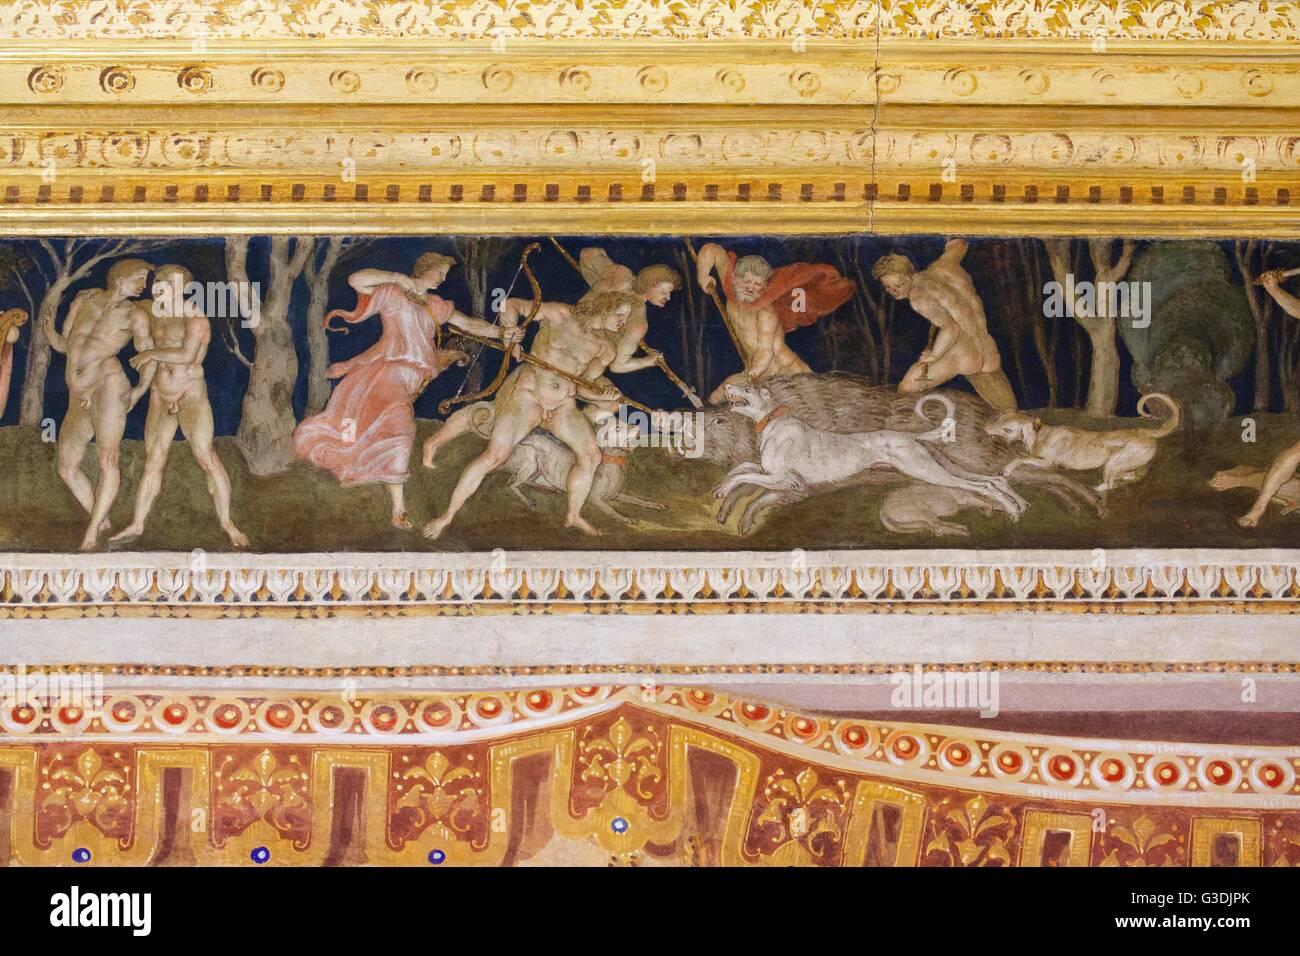 Prix de la Frise, par Baldassarre Peruzzi ,villa Farnesina, Rome, Italie, Europe Banque D'Images